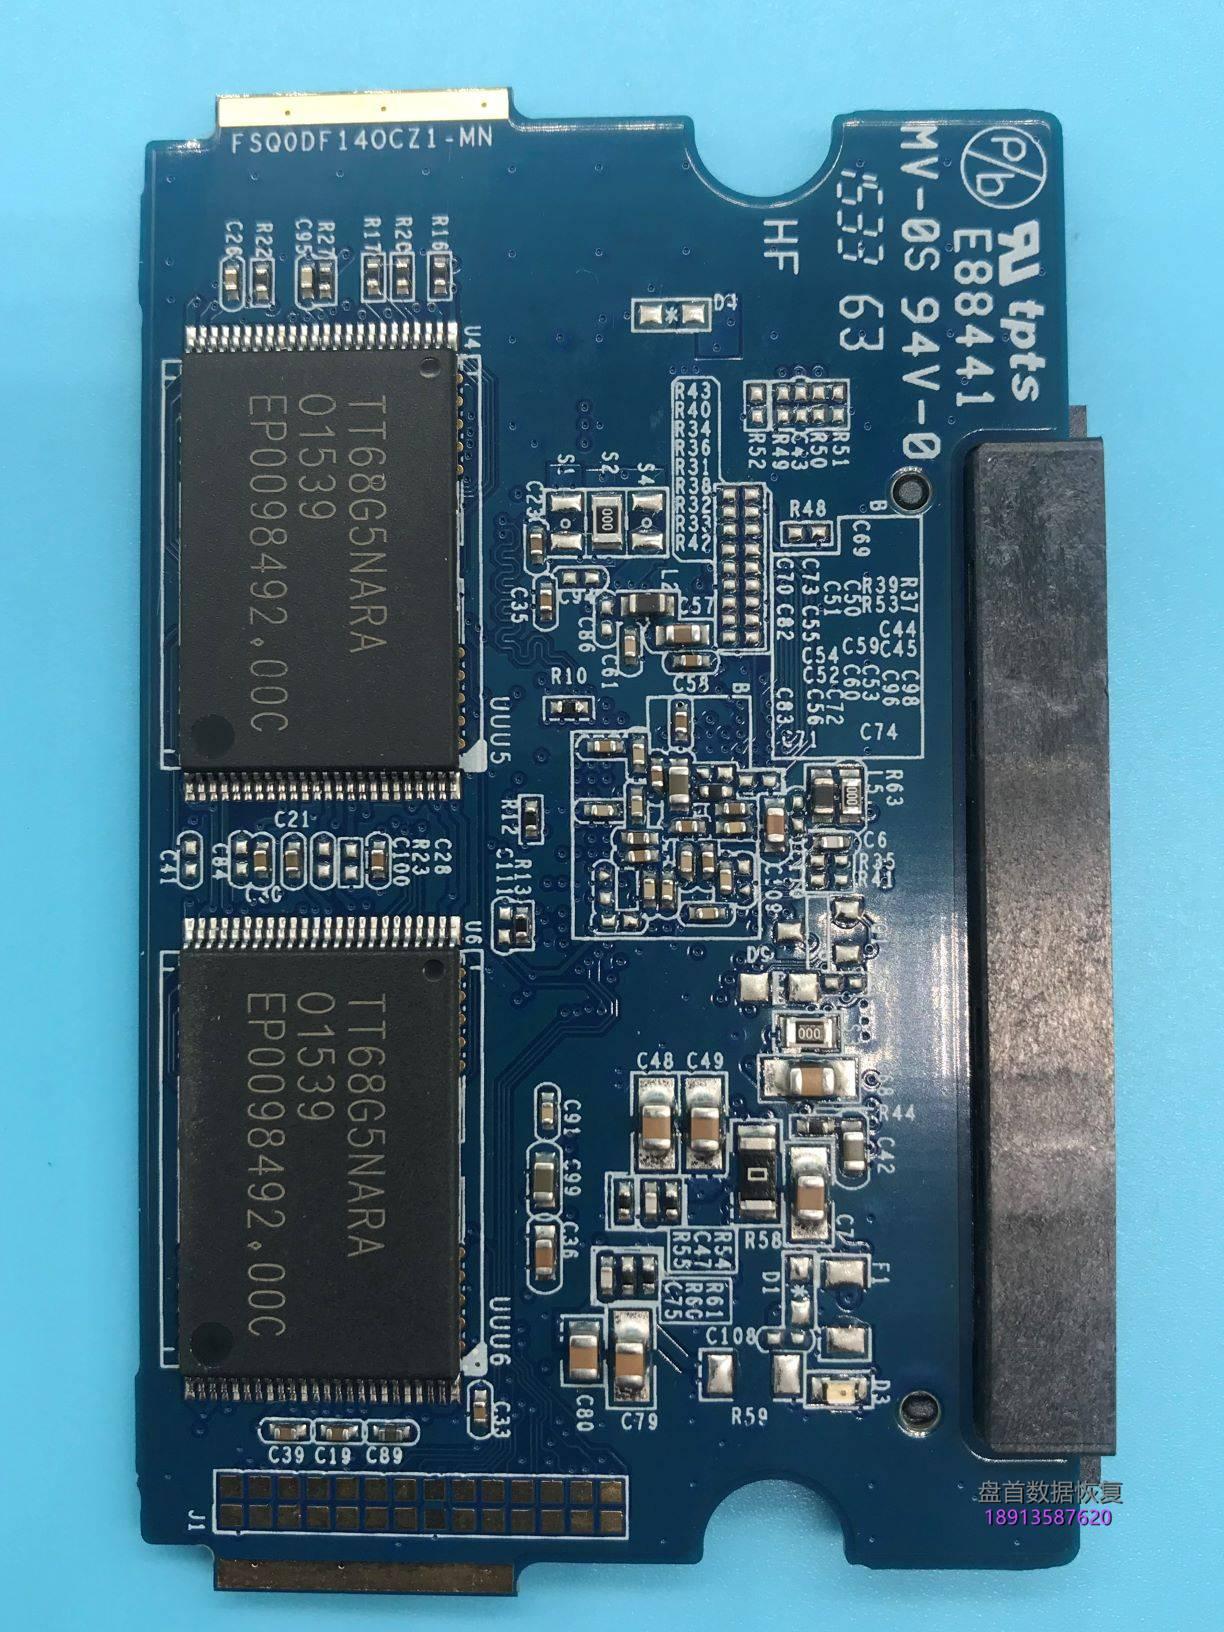 0-11 PS3109S0容量20MB无法识别读不到数据影驰120G固态硬盘掉盘恢复成功